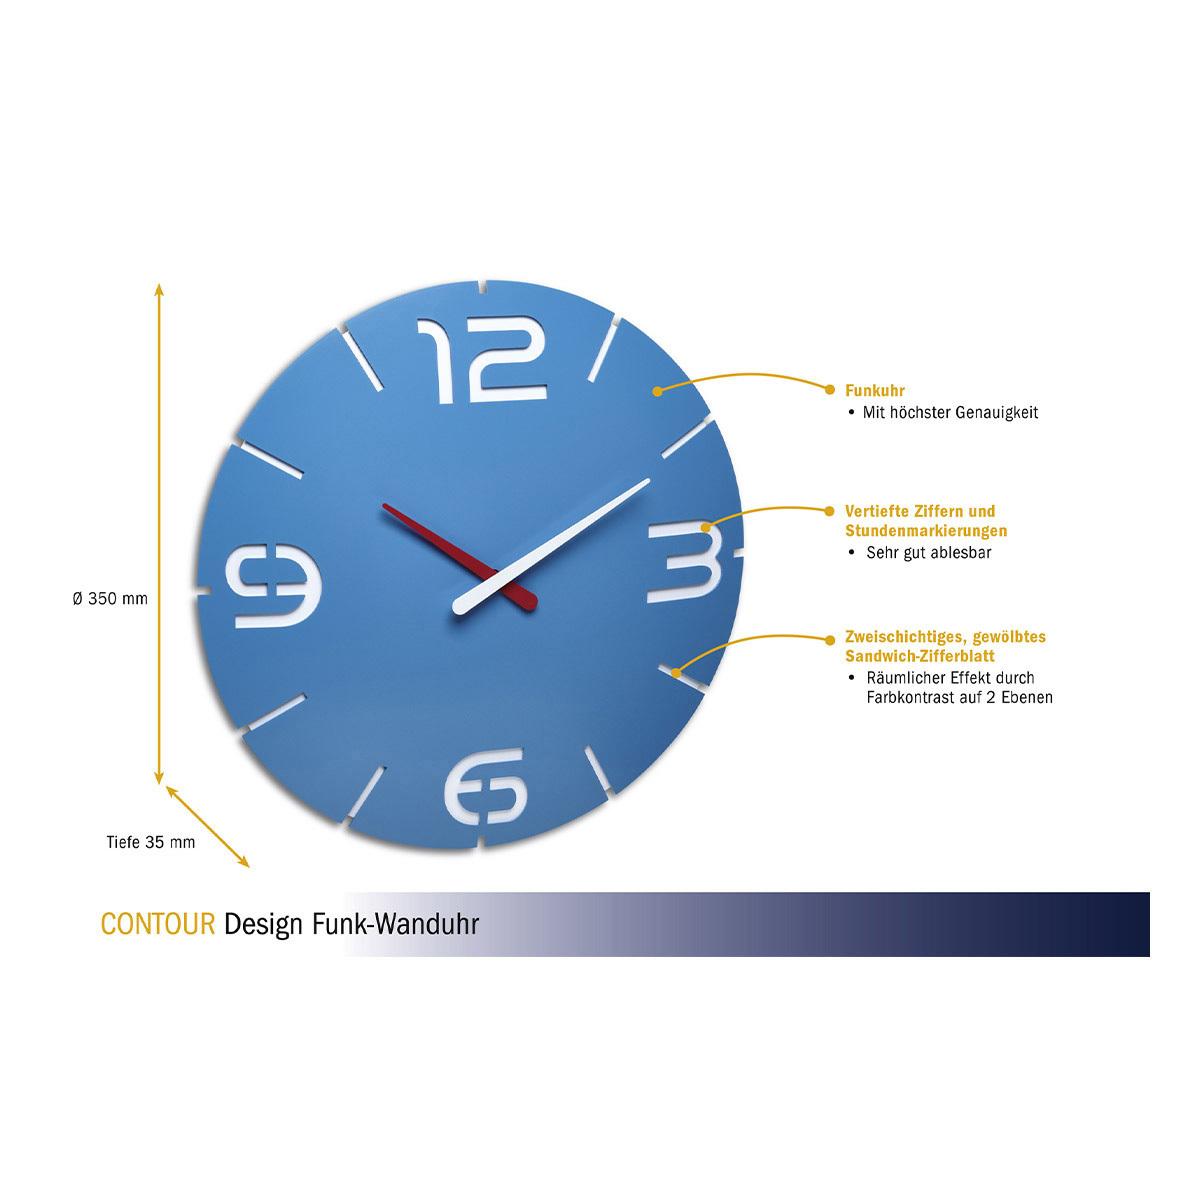 60-3536-14-design-funk-wanduhr-contour-abmessungen-1200x1200px.jpg